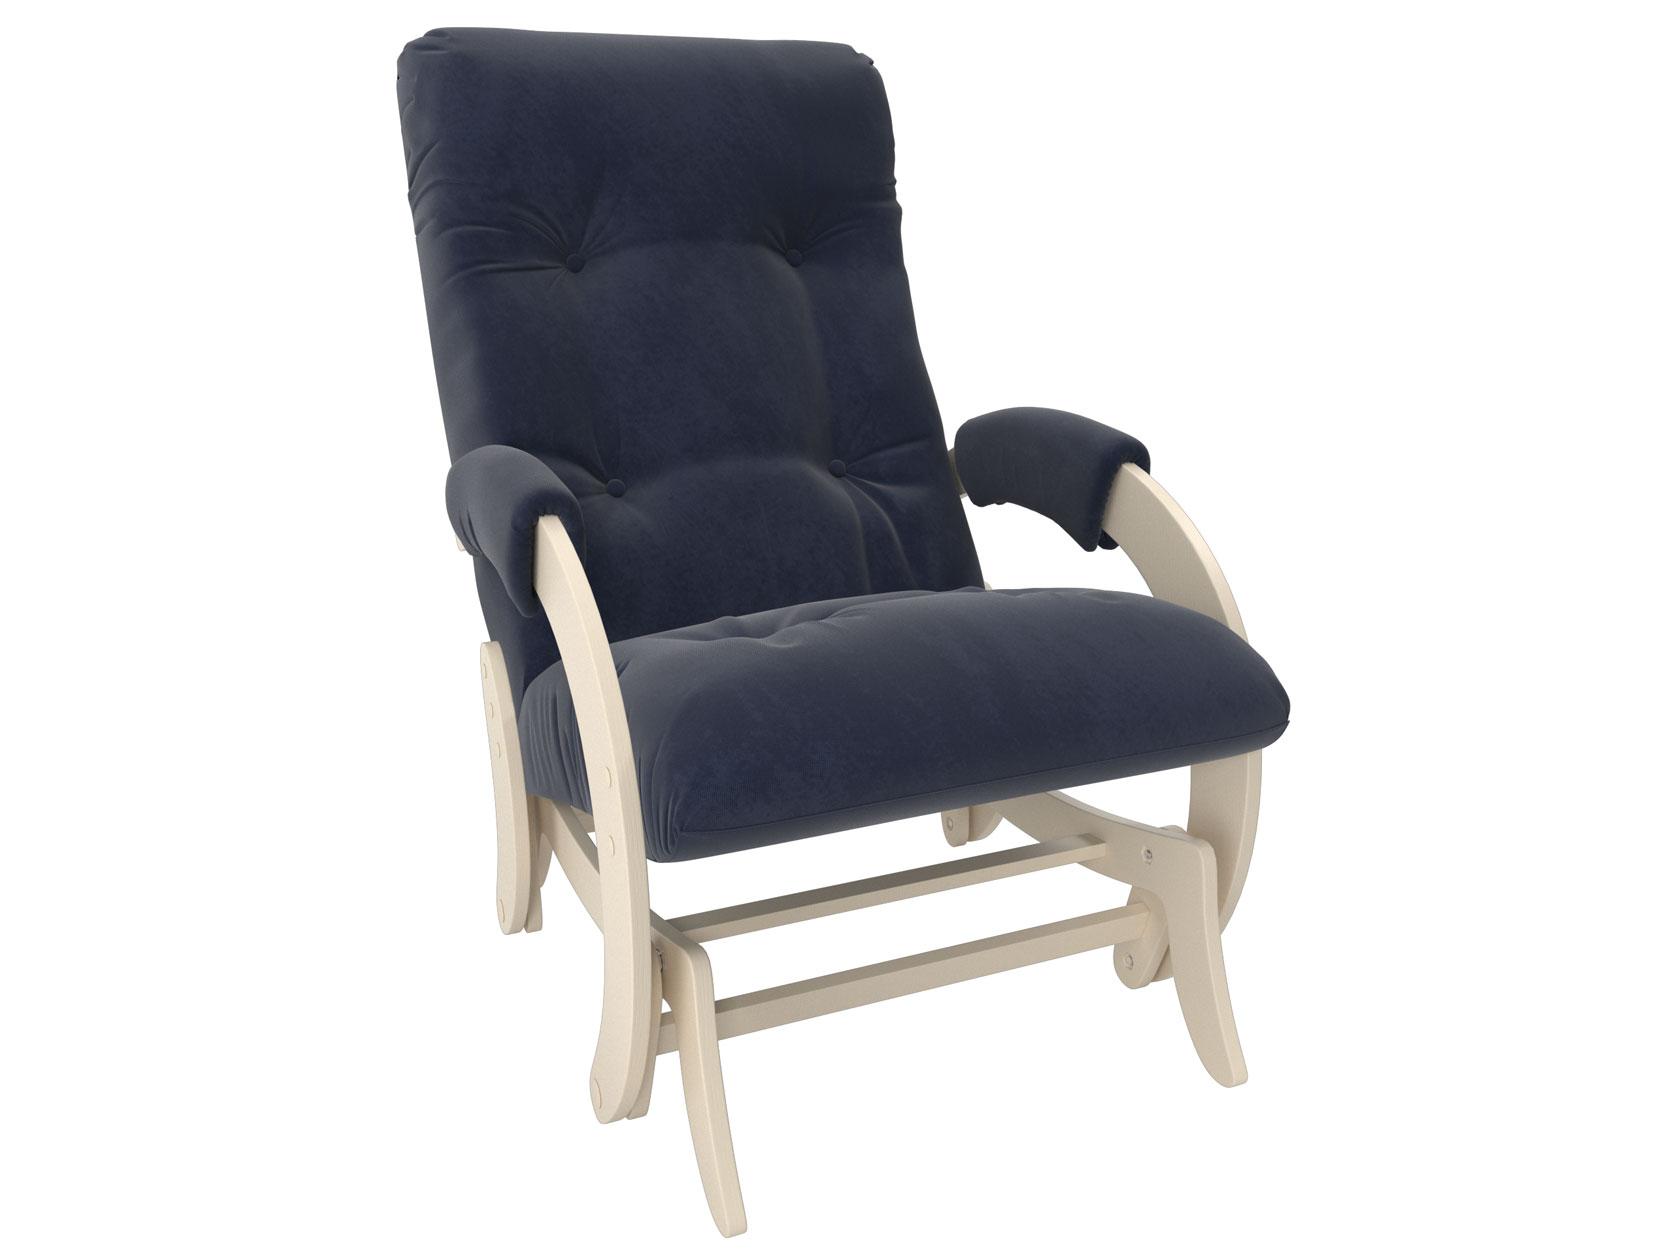 Кресло-глайдер 150-100272